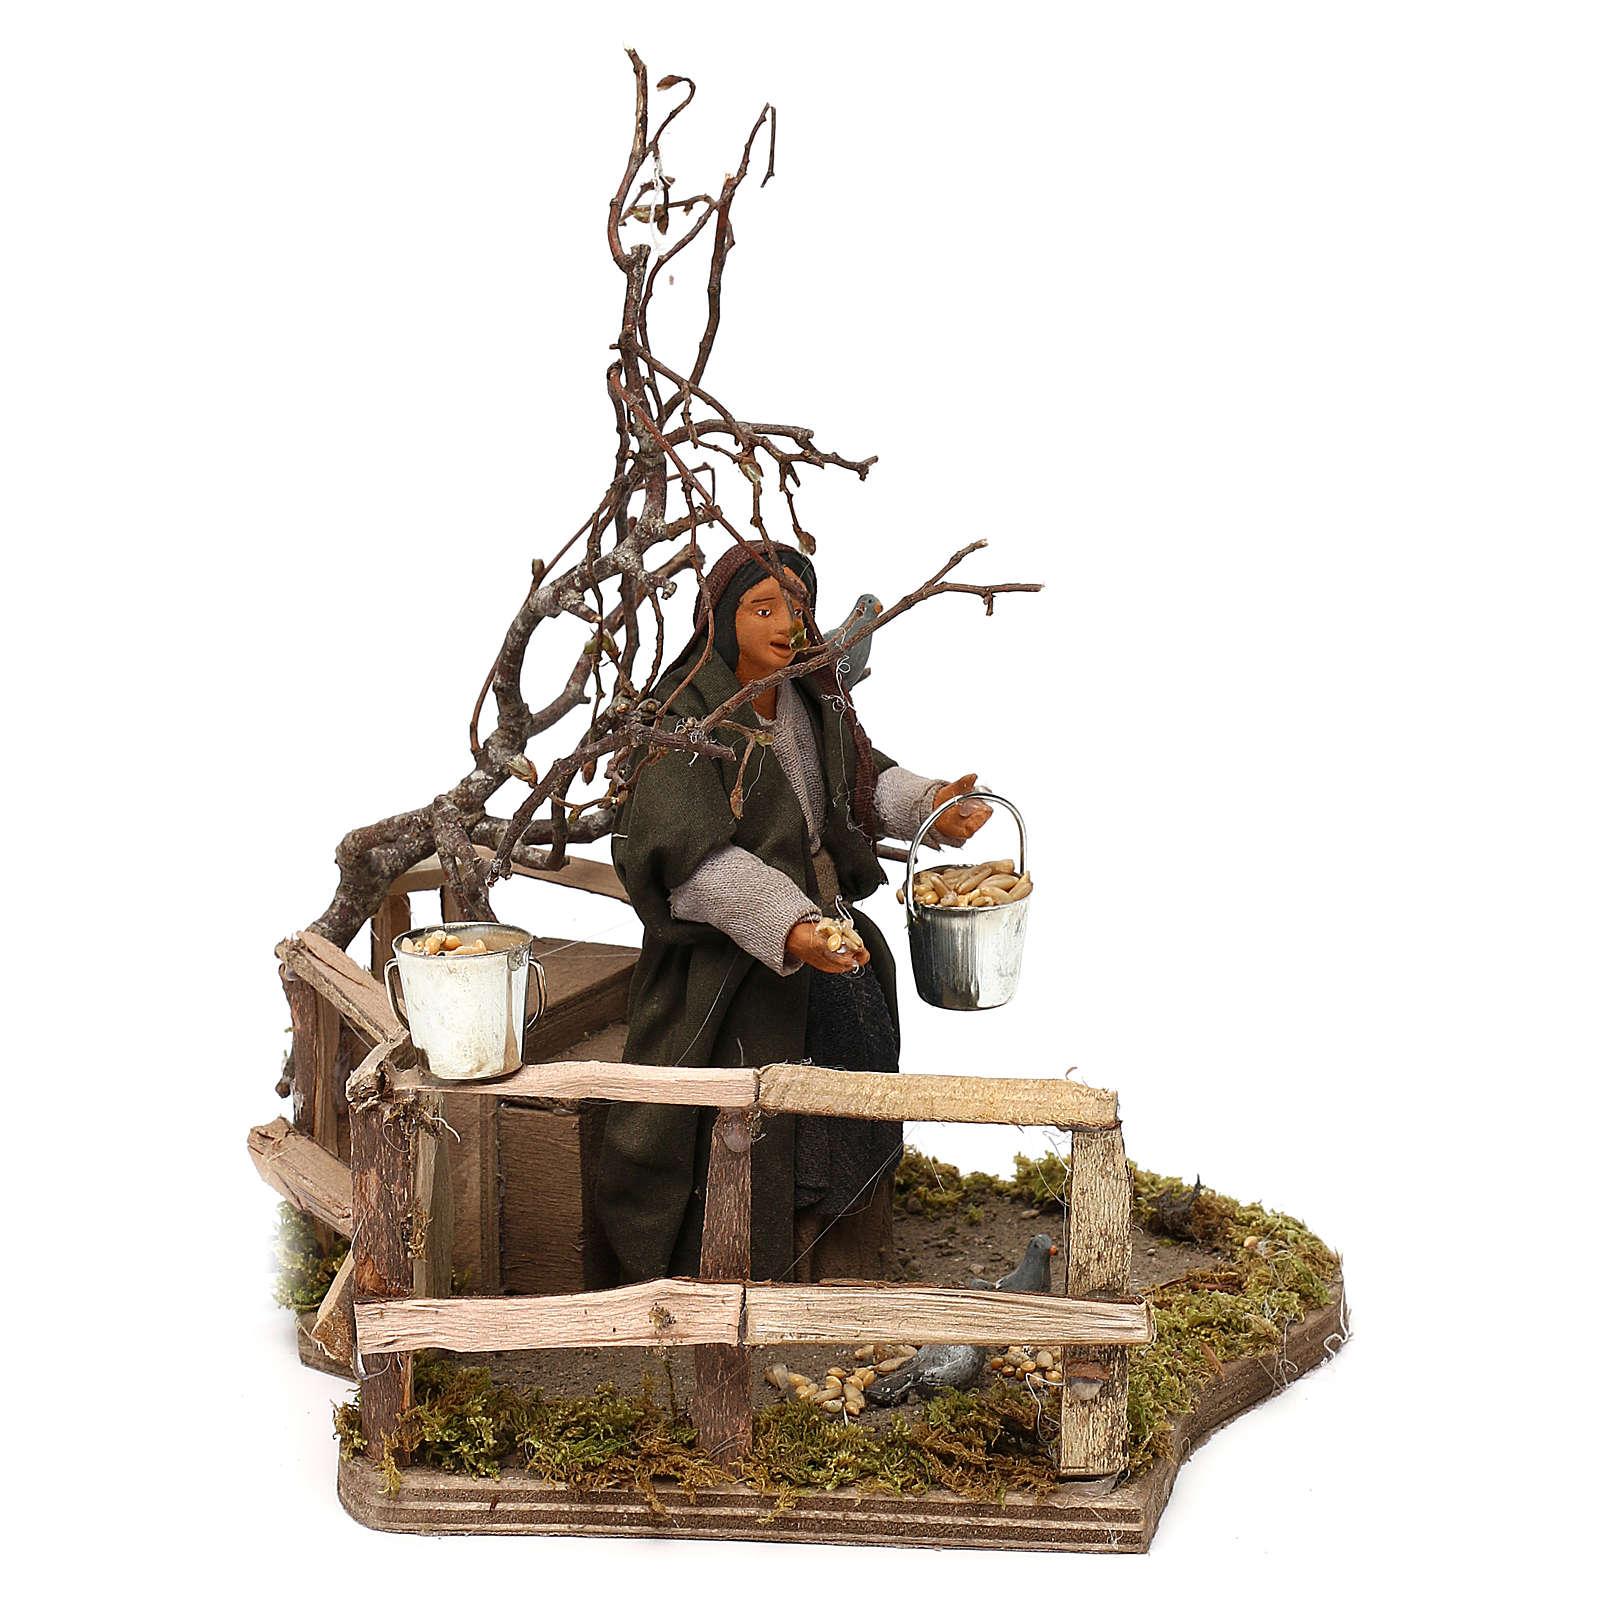 Gołębiarnia 12cm figurka do szopki 4